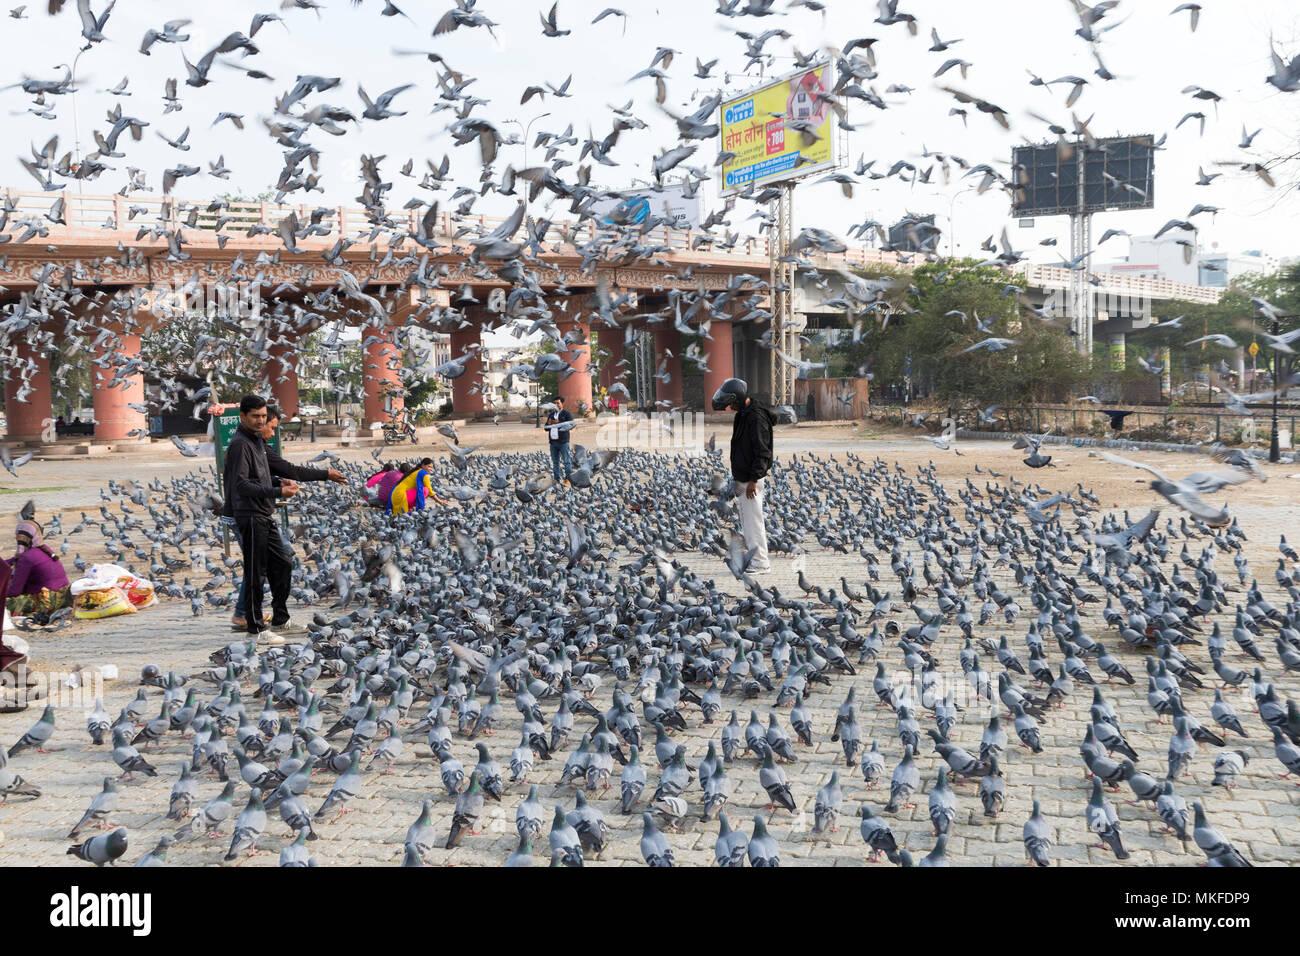 Membri della Bishnoi gruppo etnico proteggere gli animali, il mangime ai piccioni della città di Jaipur, il Parco nazionale di Ranthambore, Rajasthan, India Immagini Stock